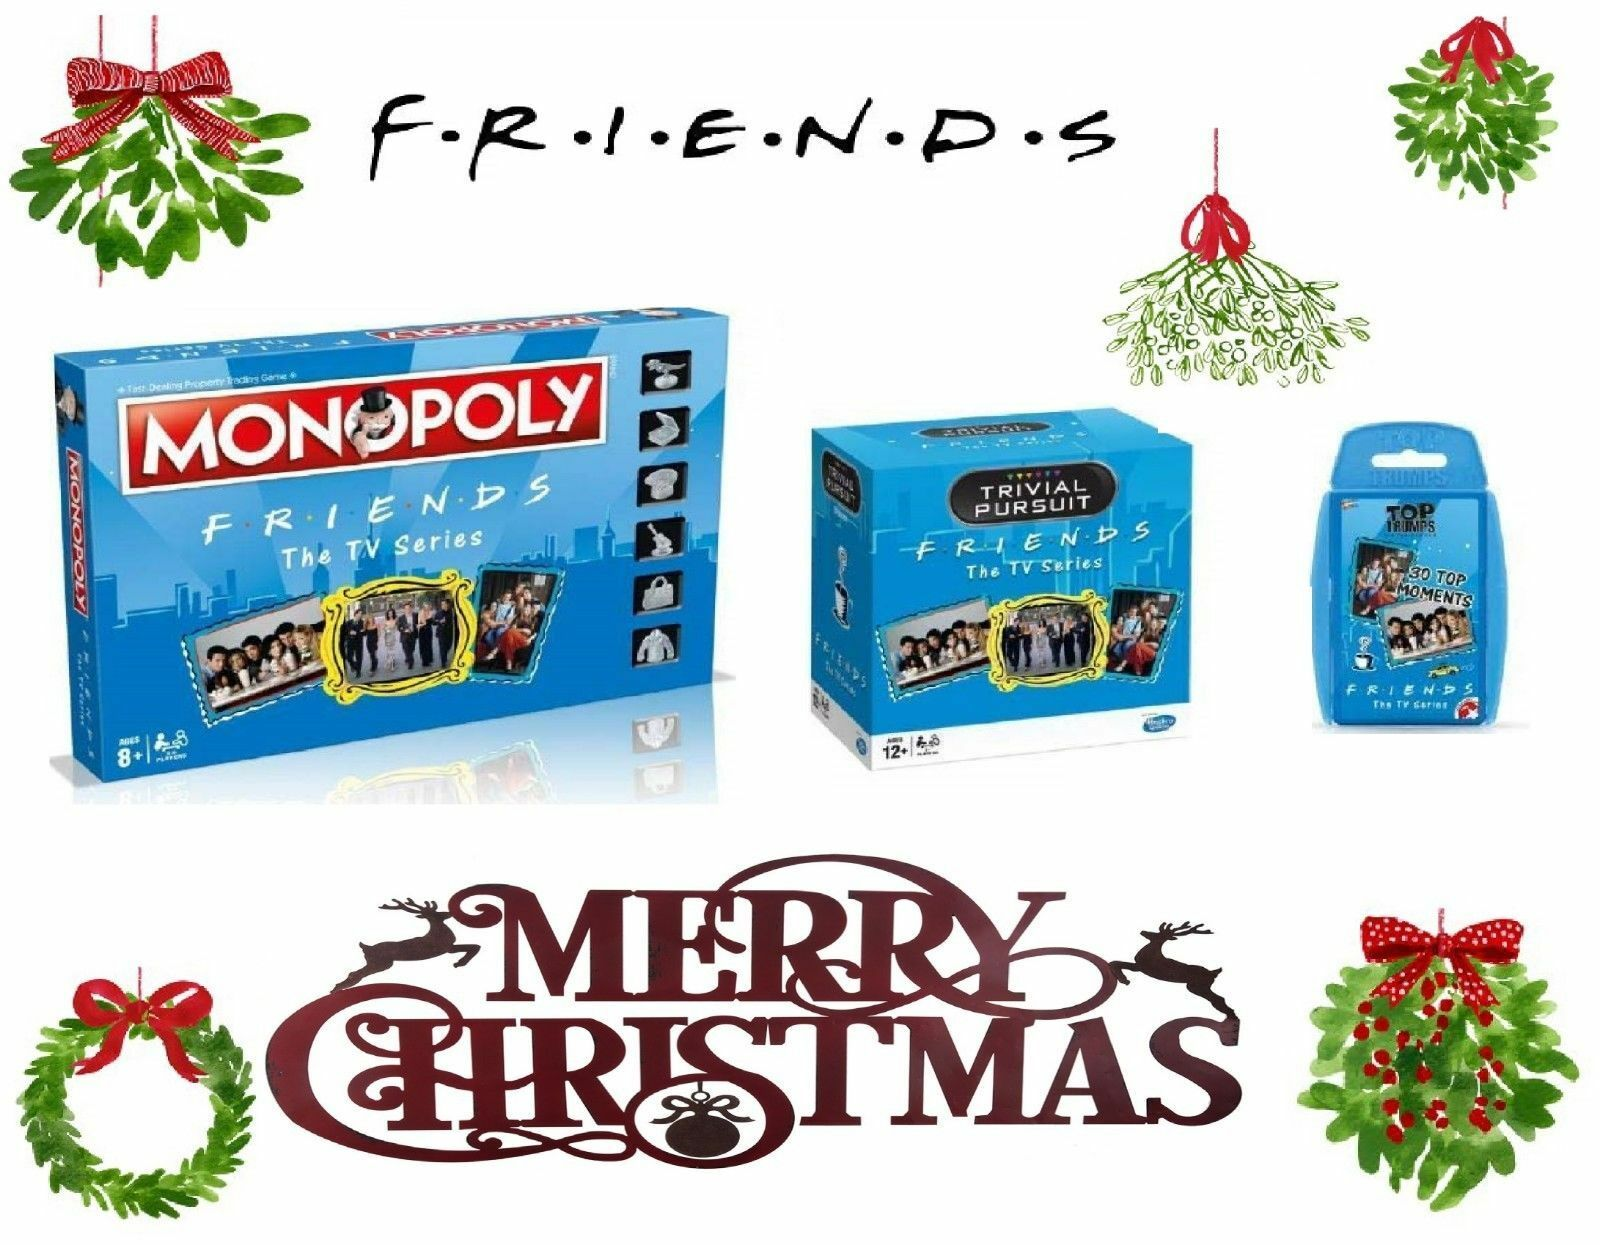 Gli Amici Regalo-Trivial  Pursuit Monopoly Top Trumps - 2018 2019 Regalo di Natale  design unico